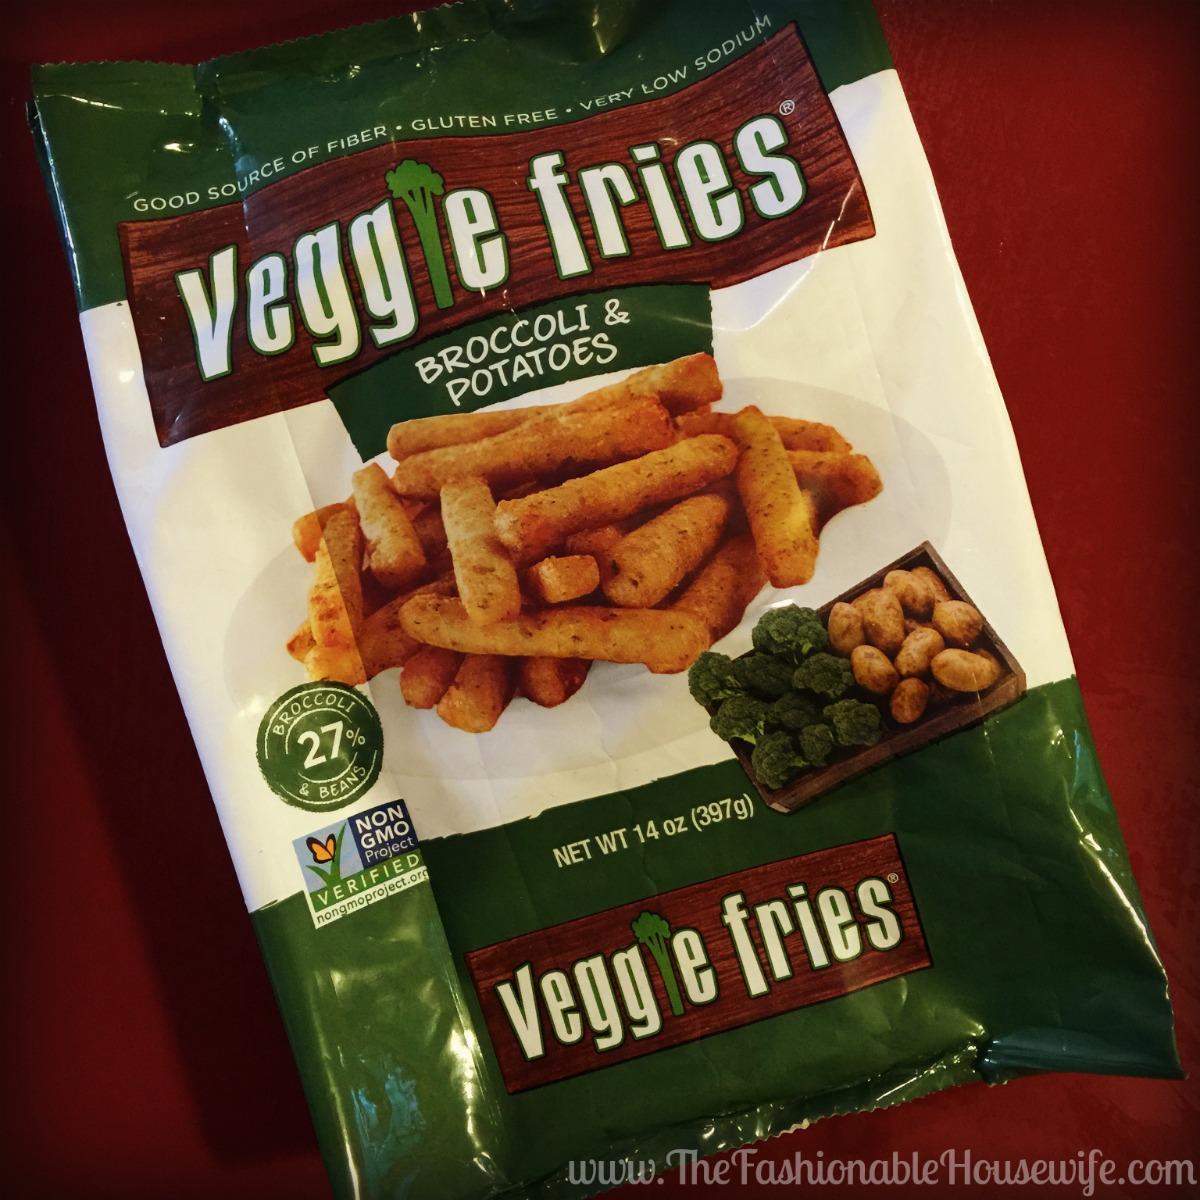 veggie fries broccoli potato in bag